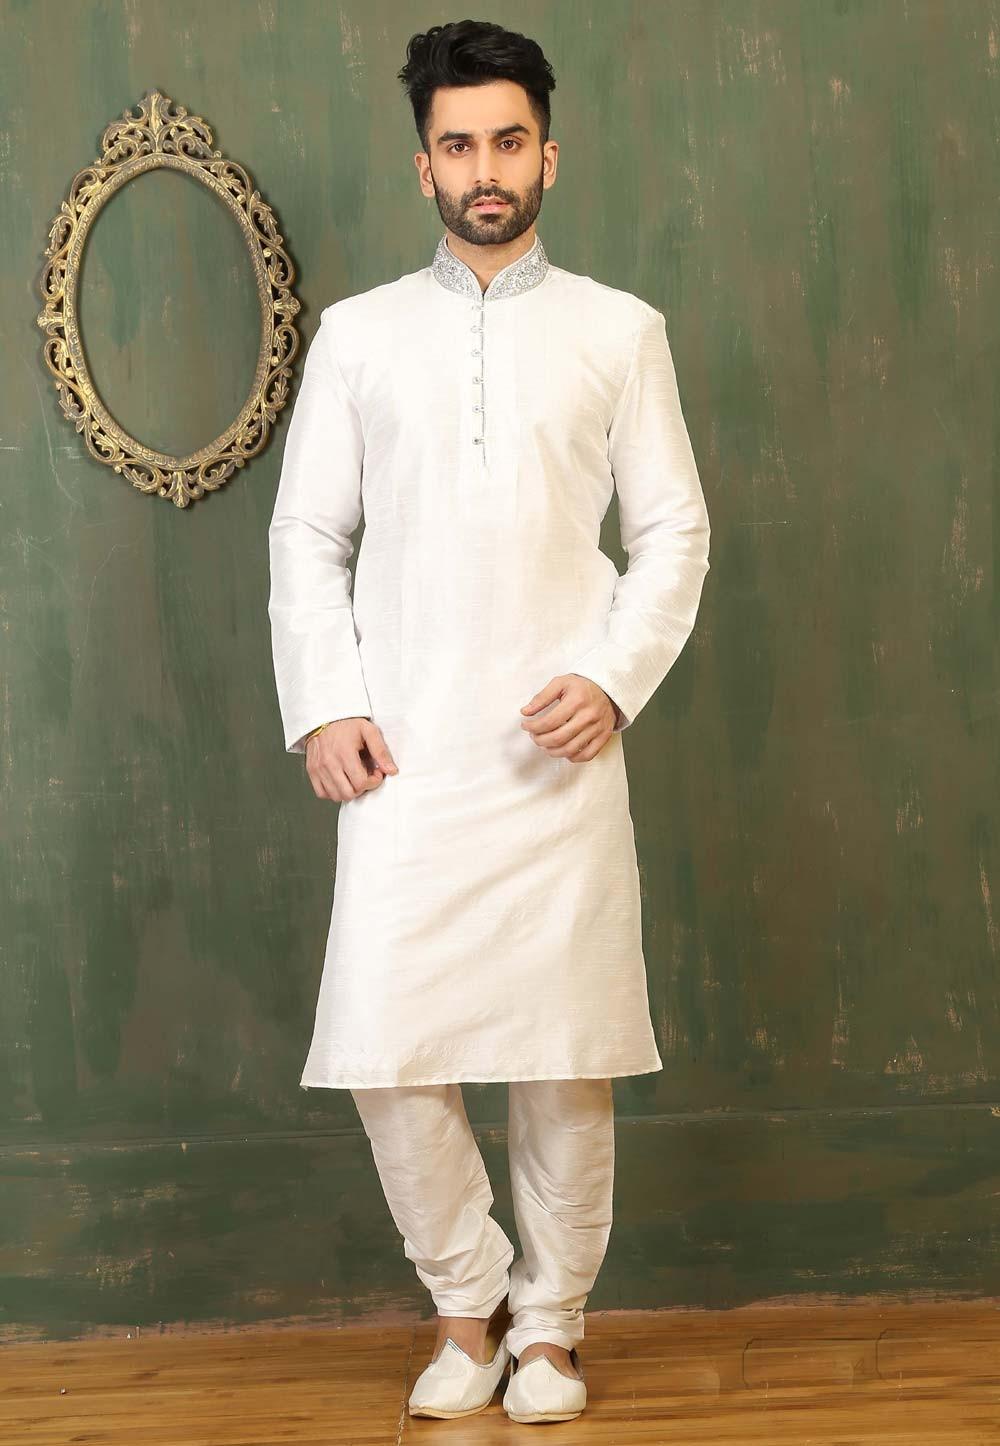 Off White Color Dupion Art Silk Fabric Readymade Kurta Pajama.